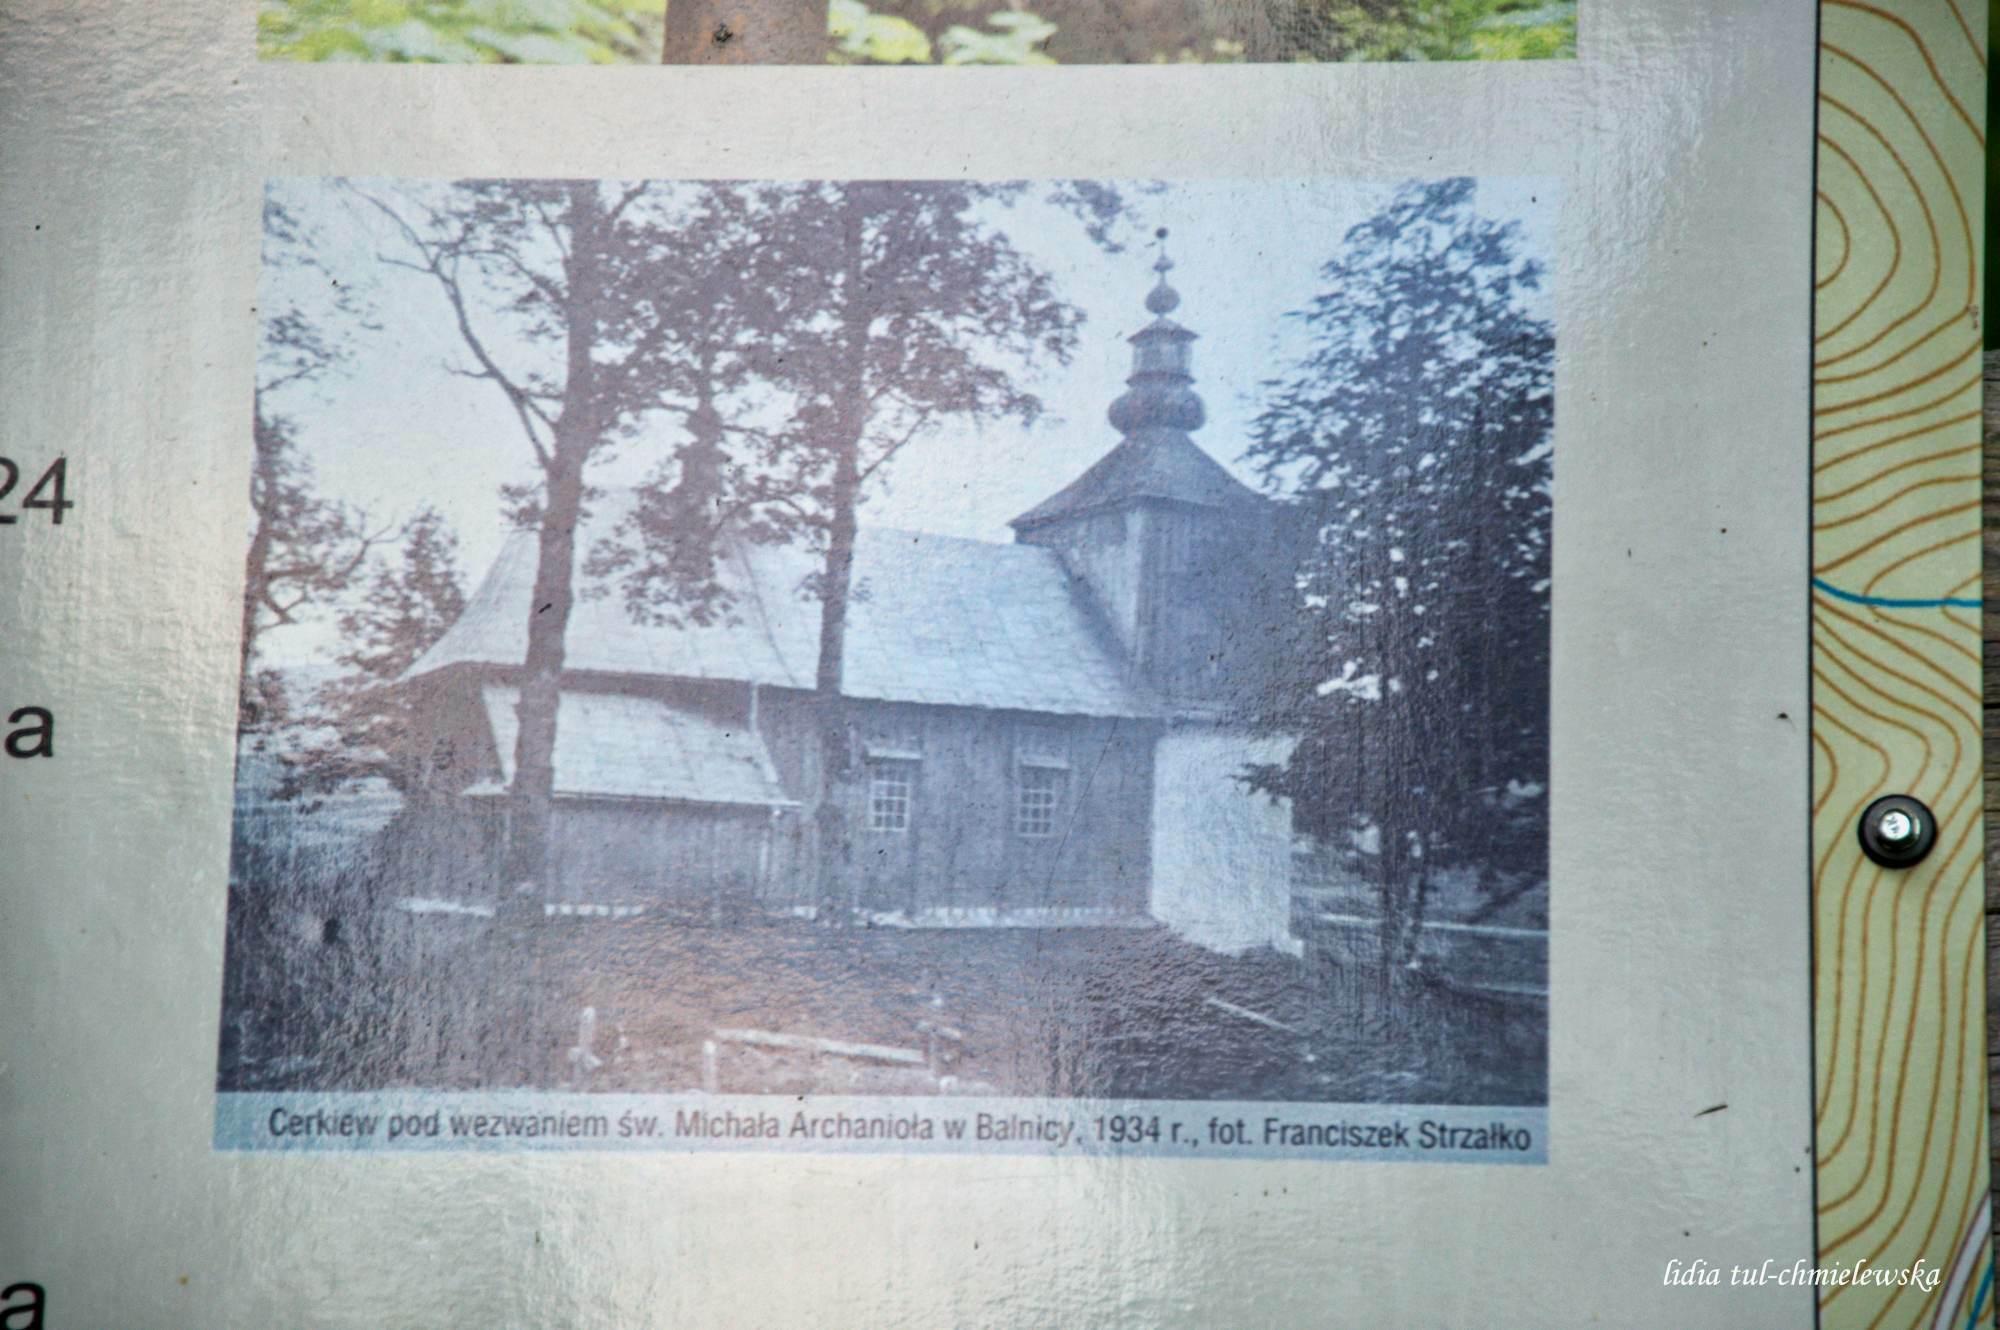 Balnica_dawna cerkiew pw. Św. Michała Archanioła(0)_12